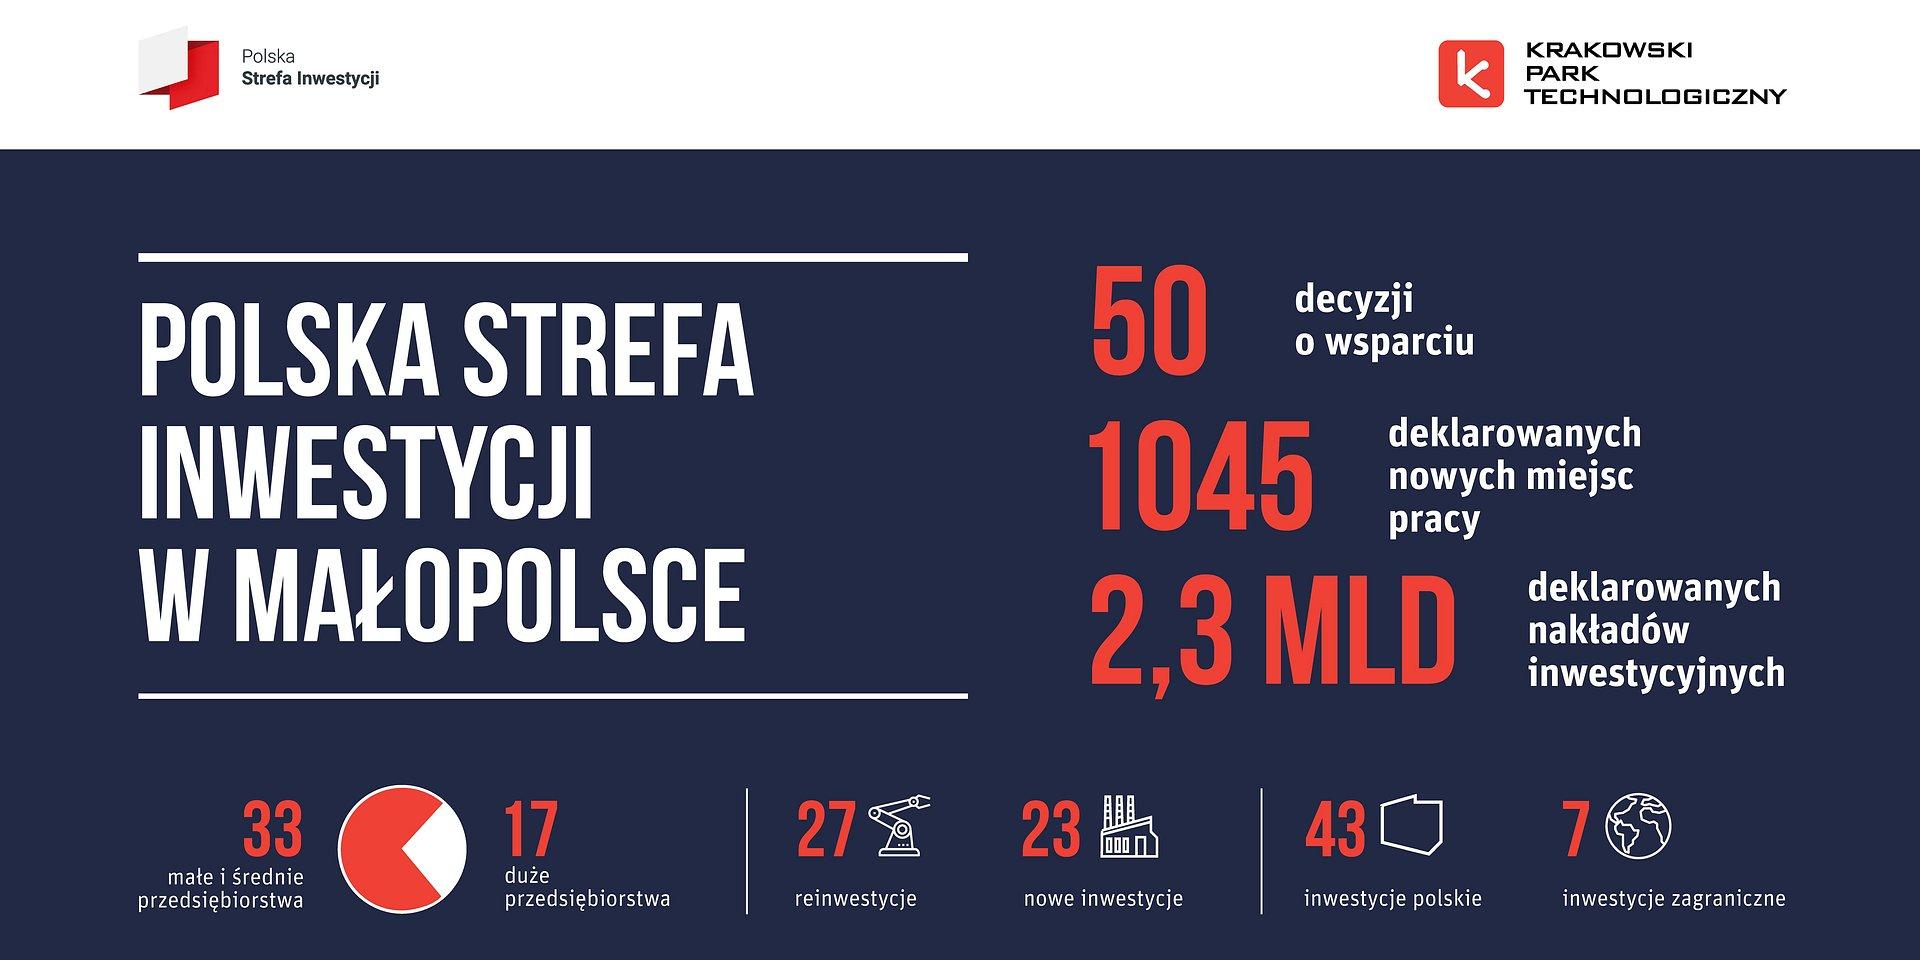 Krakowski Park Technologiczny wydał 50. decyzję o wsparciu!